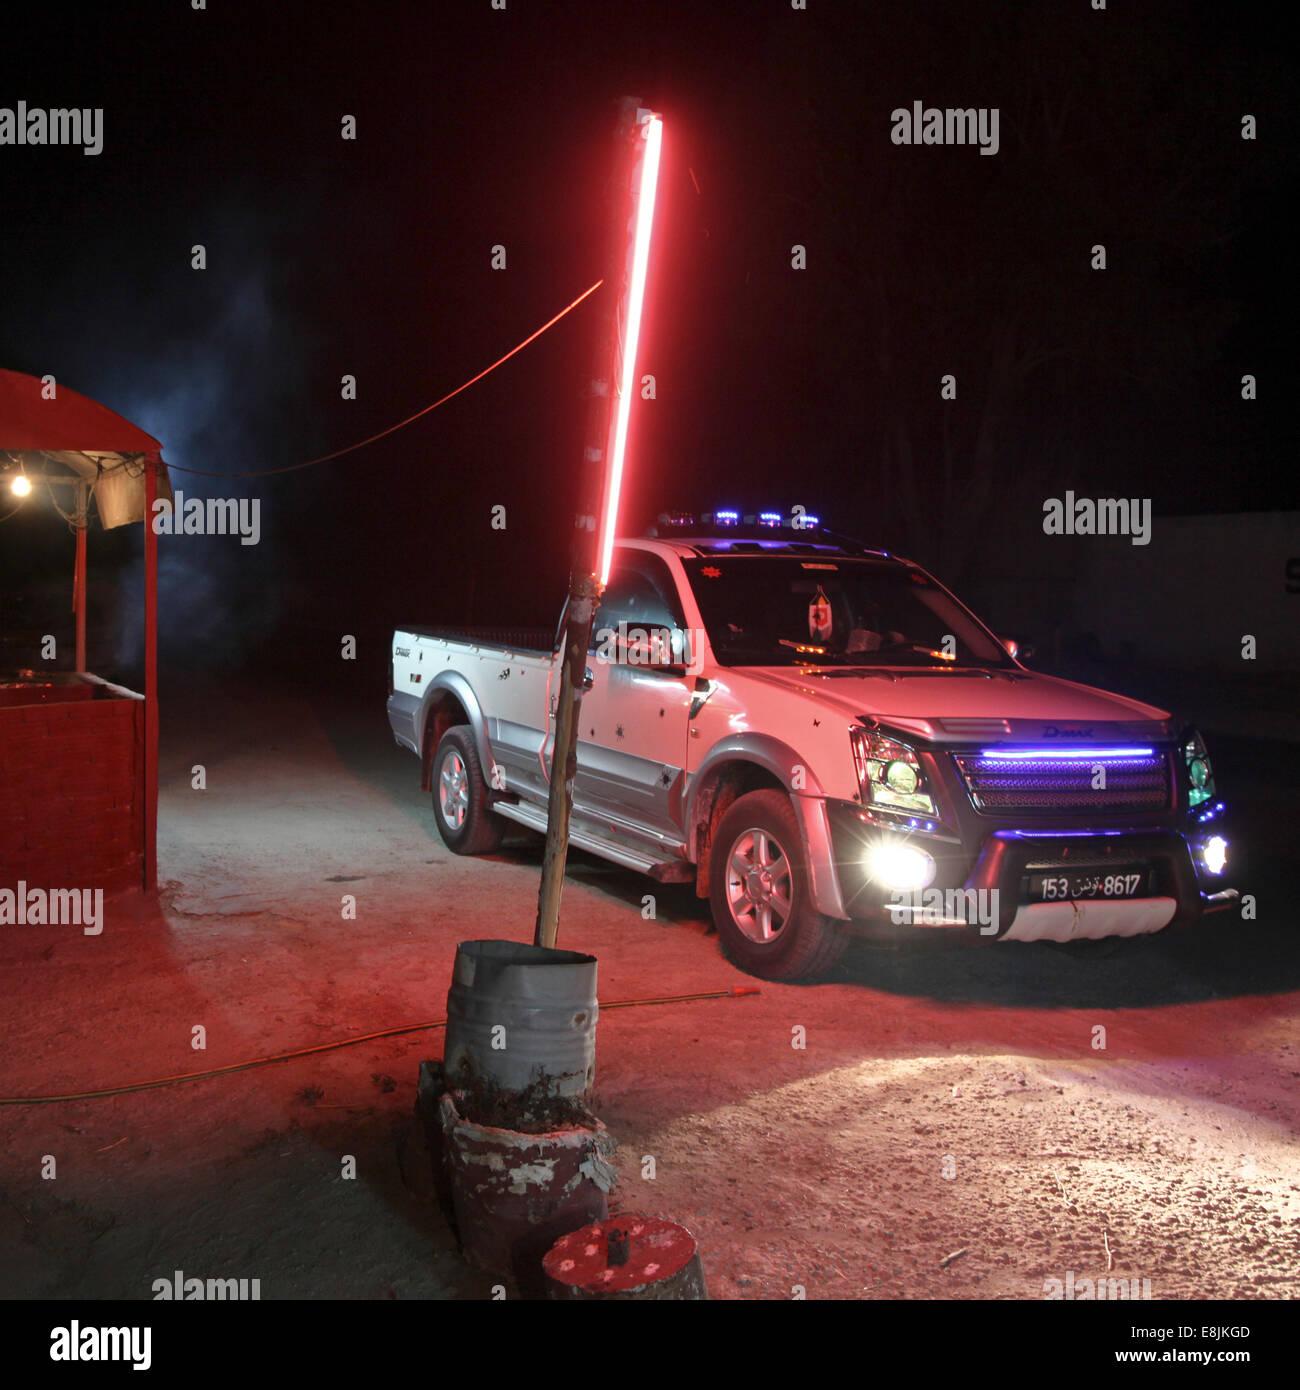 Vehículos en la noche. Imagen De Stock